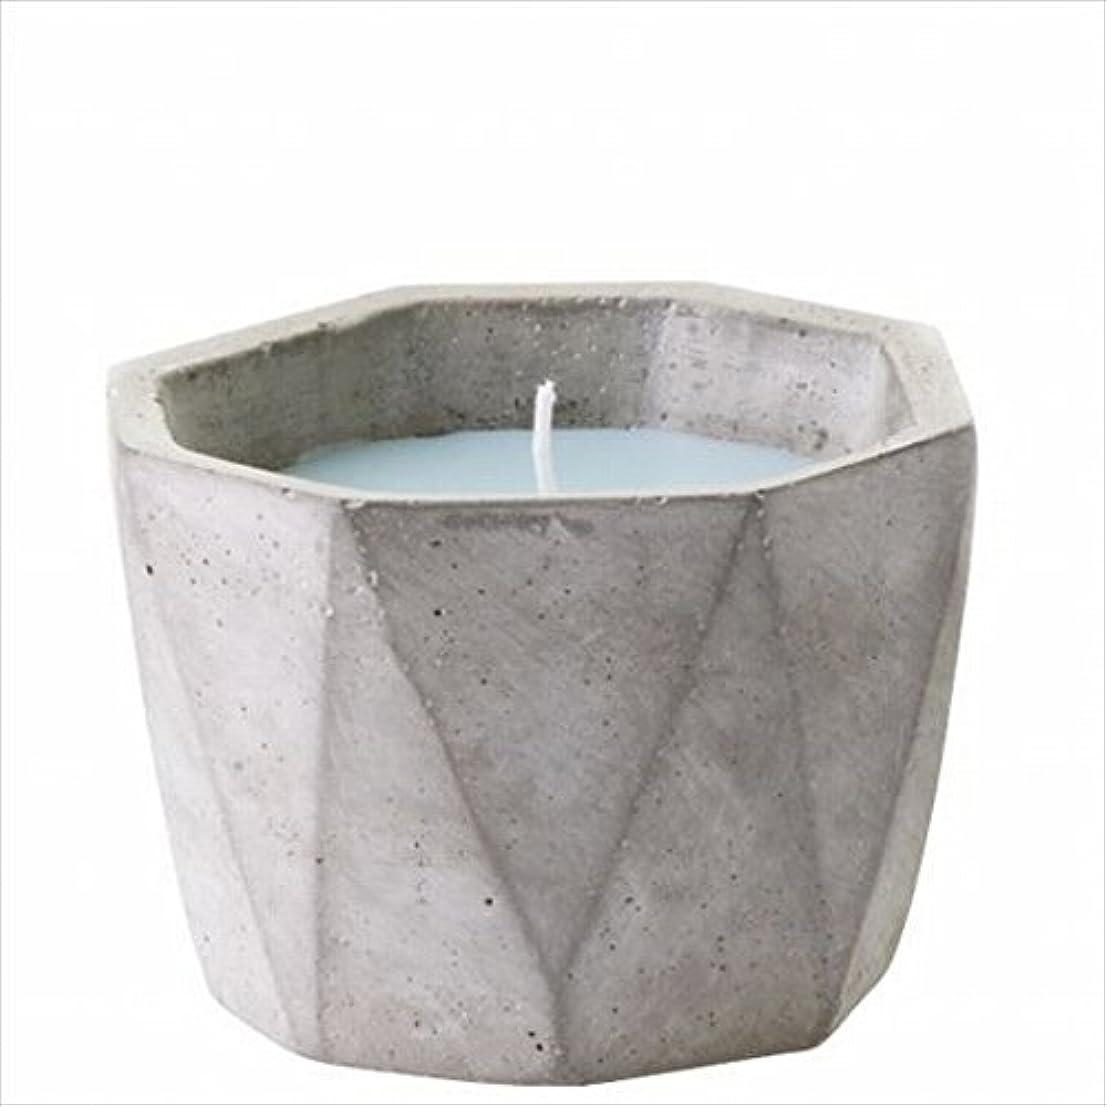 困惑するに同意する放棄されたカメヤマキャンドル(kameyama candle) POiNT A LA LiGNE セメントポットセンティッドキャンドル 「 モックオレンジミント 」